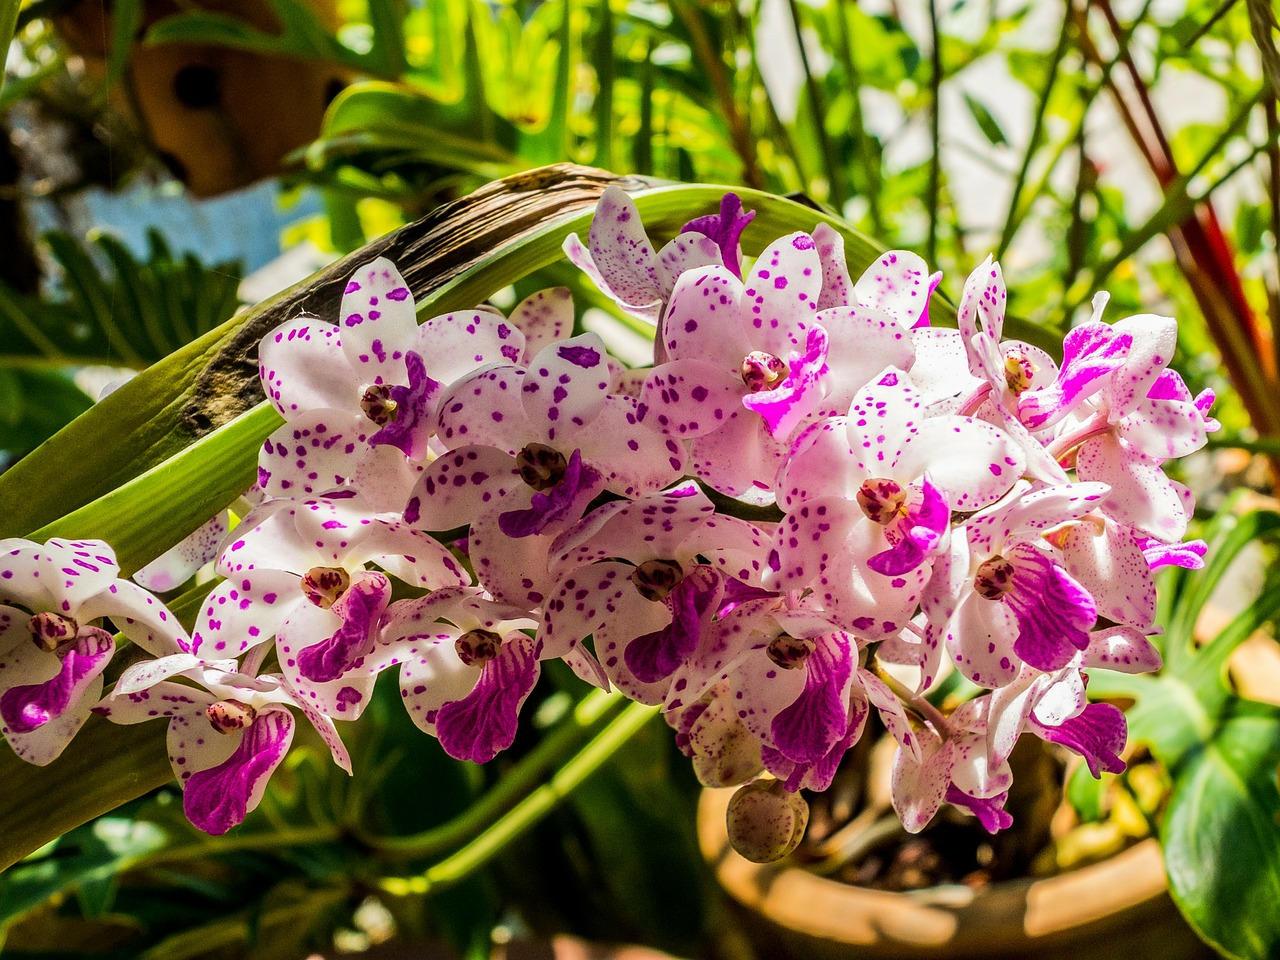 быть, разновидности орхидеи картинки и названия нас можно